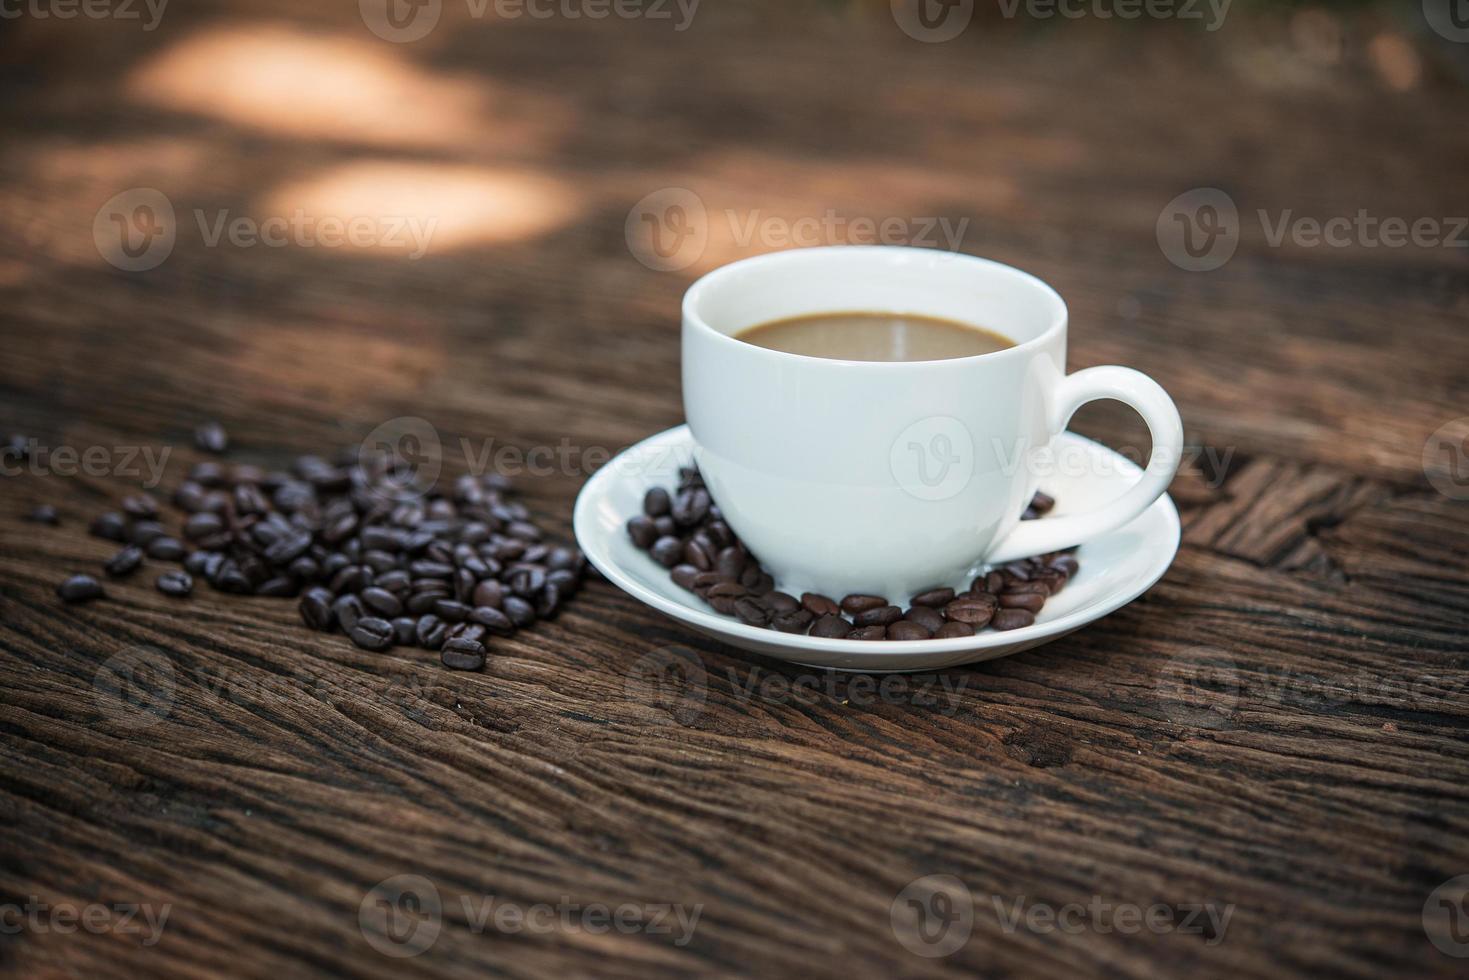 koffiekopje en koffiebonen op houten tafel foto